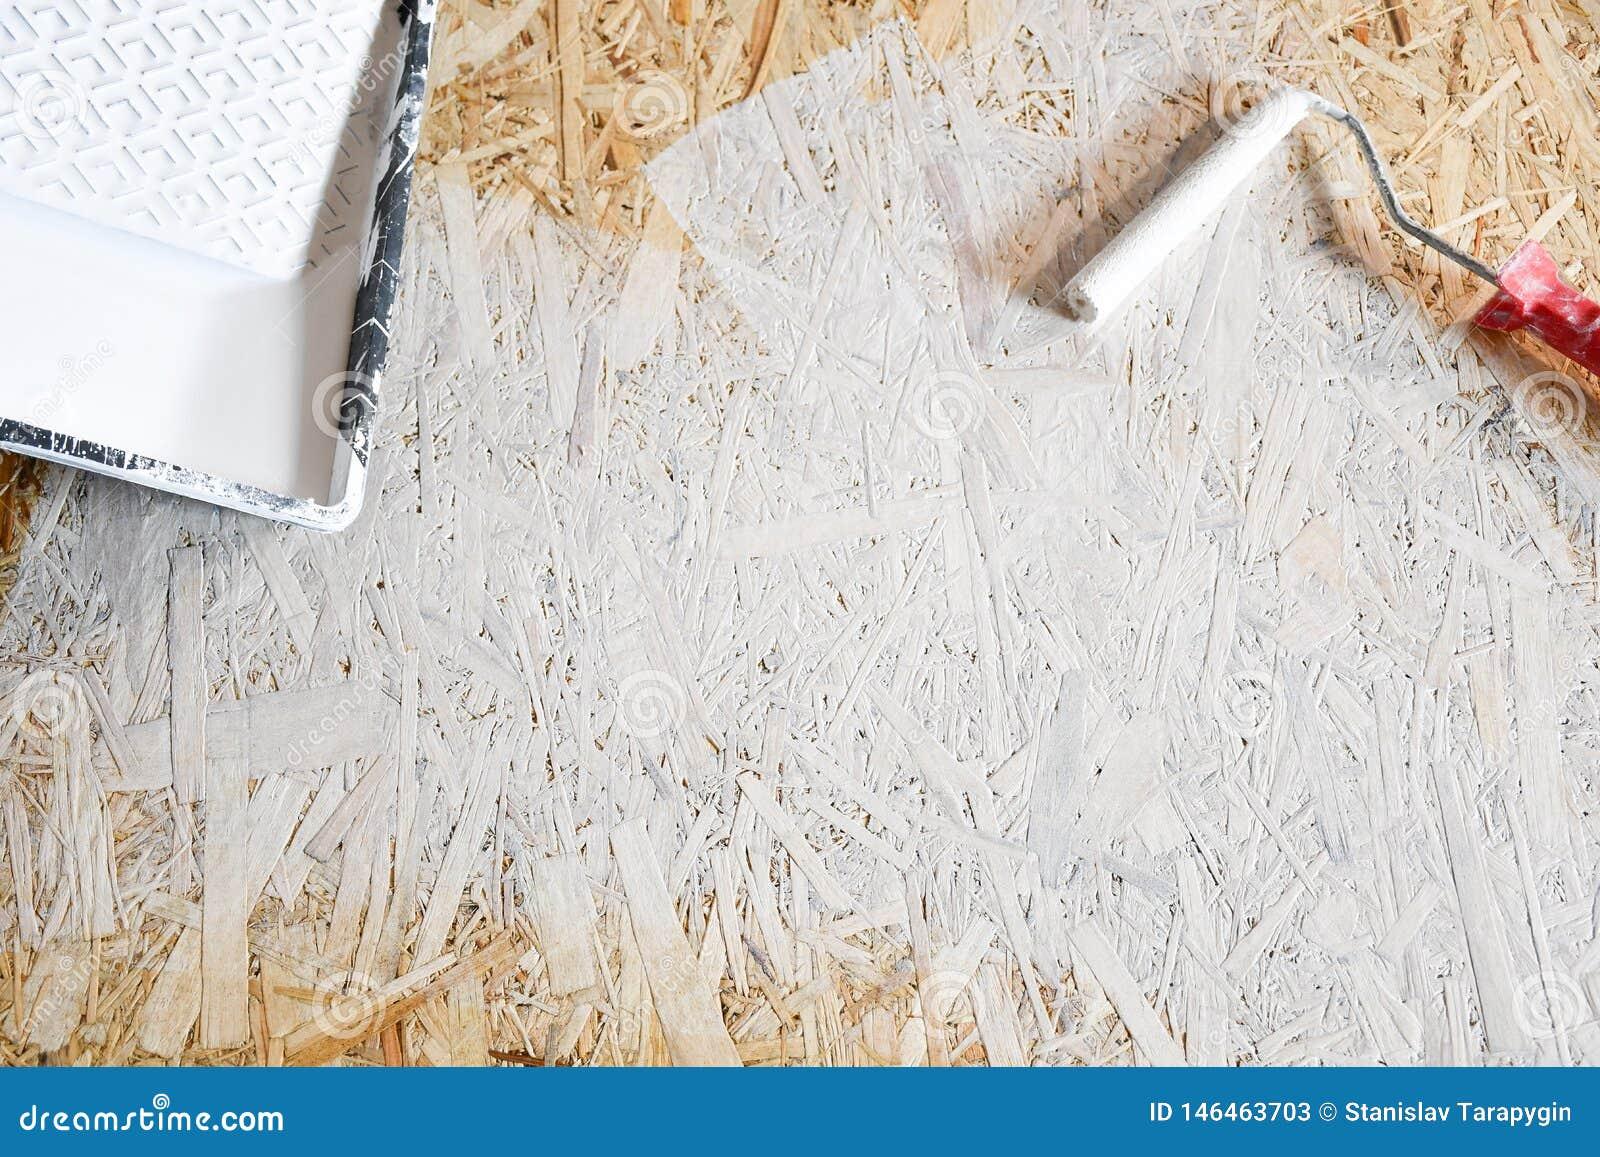 Osbplaat met witte verf met een rol wordt geschilderd die